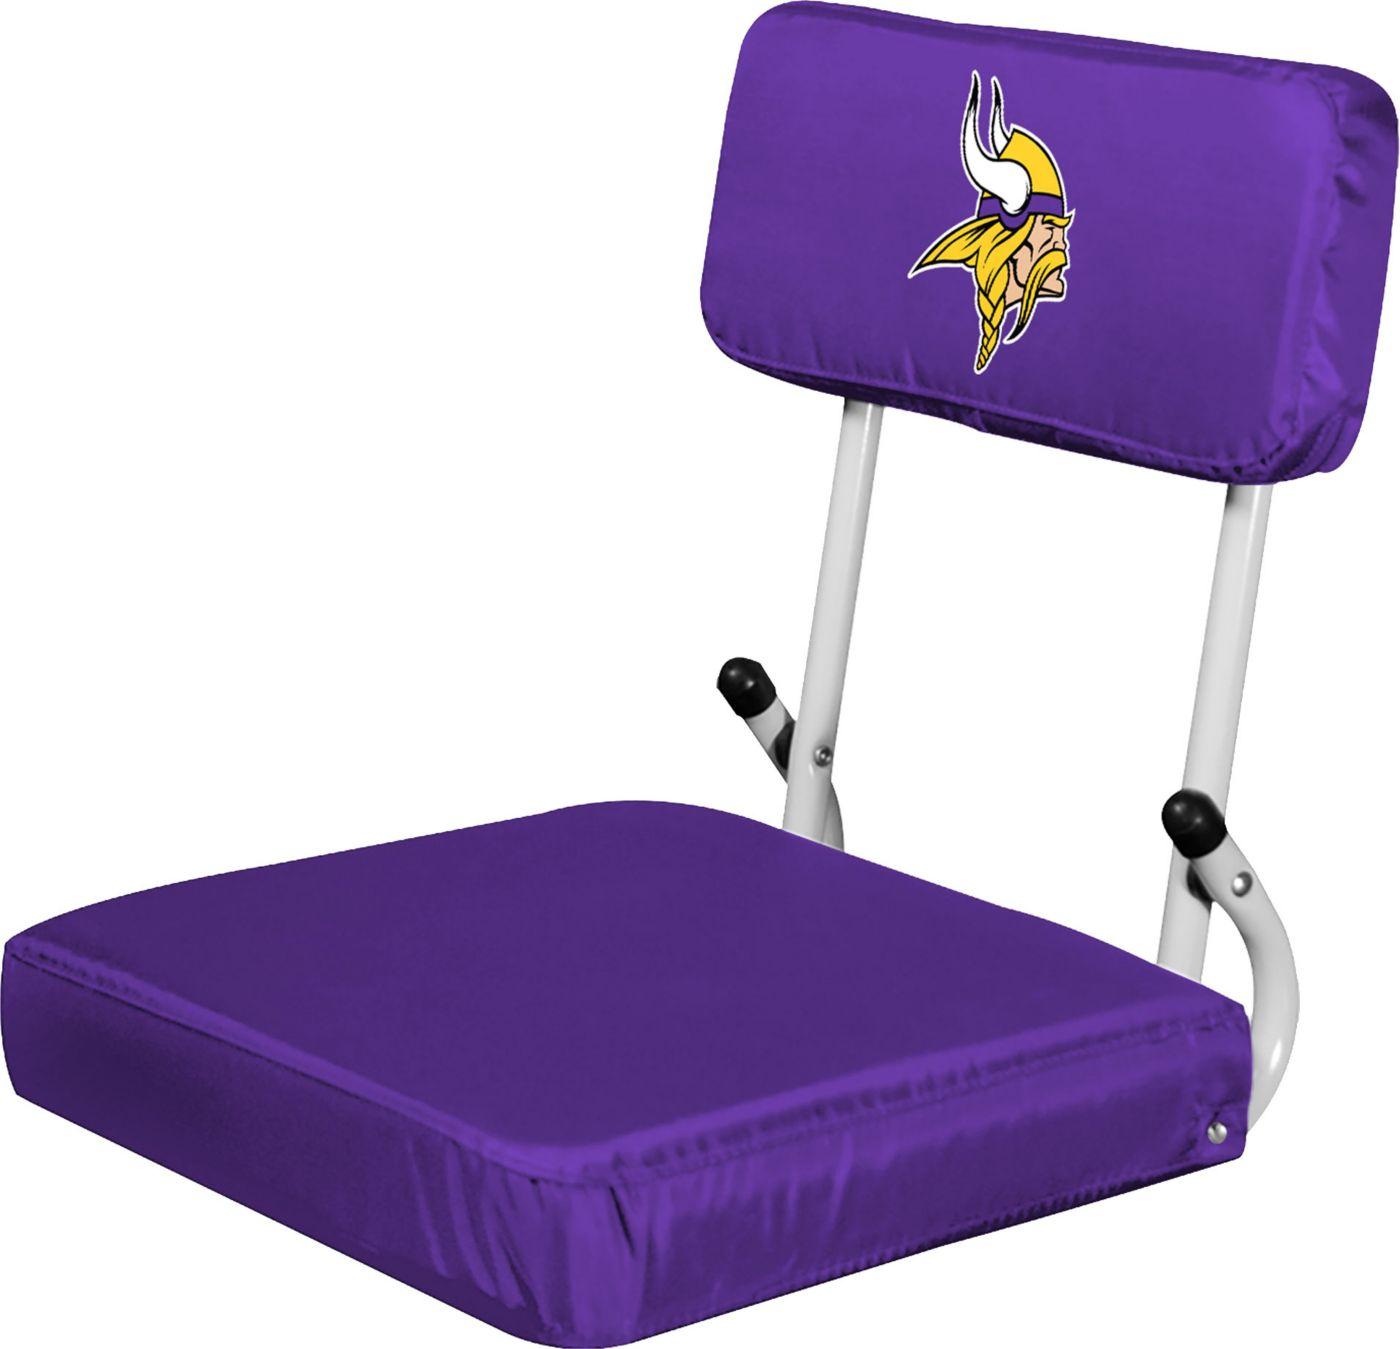 Minnesota Vikings Hardback Stadium Seat